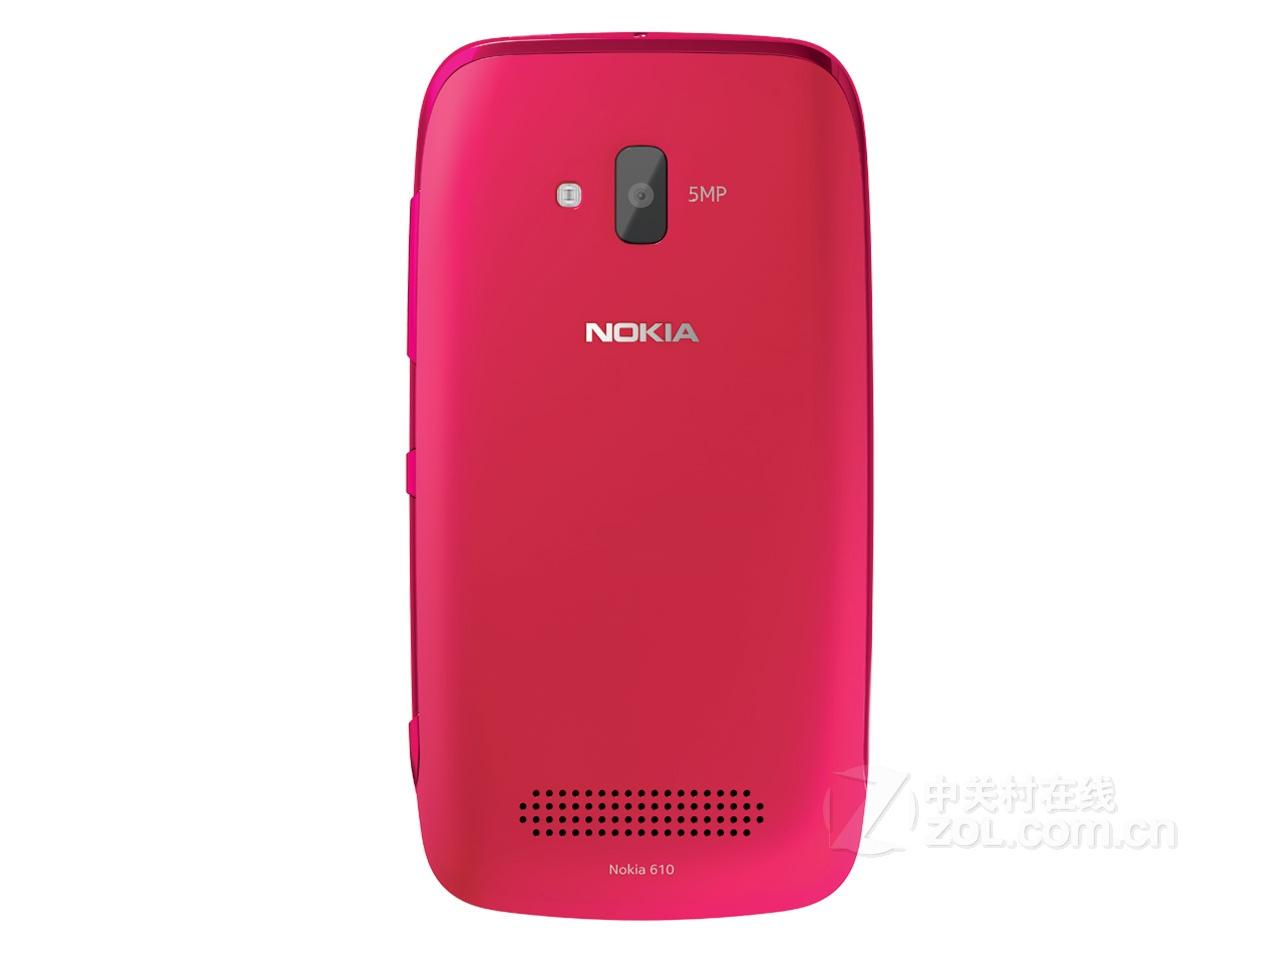 微软wp7智能手机诺基亚610深圳特价950元